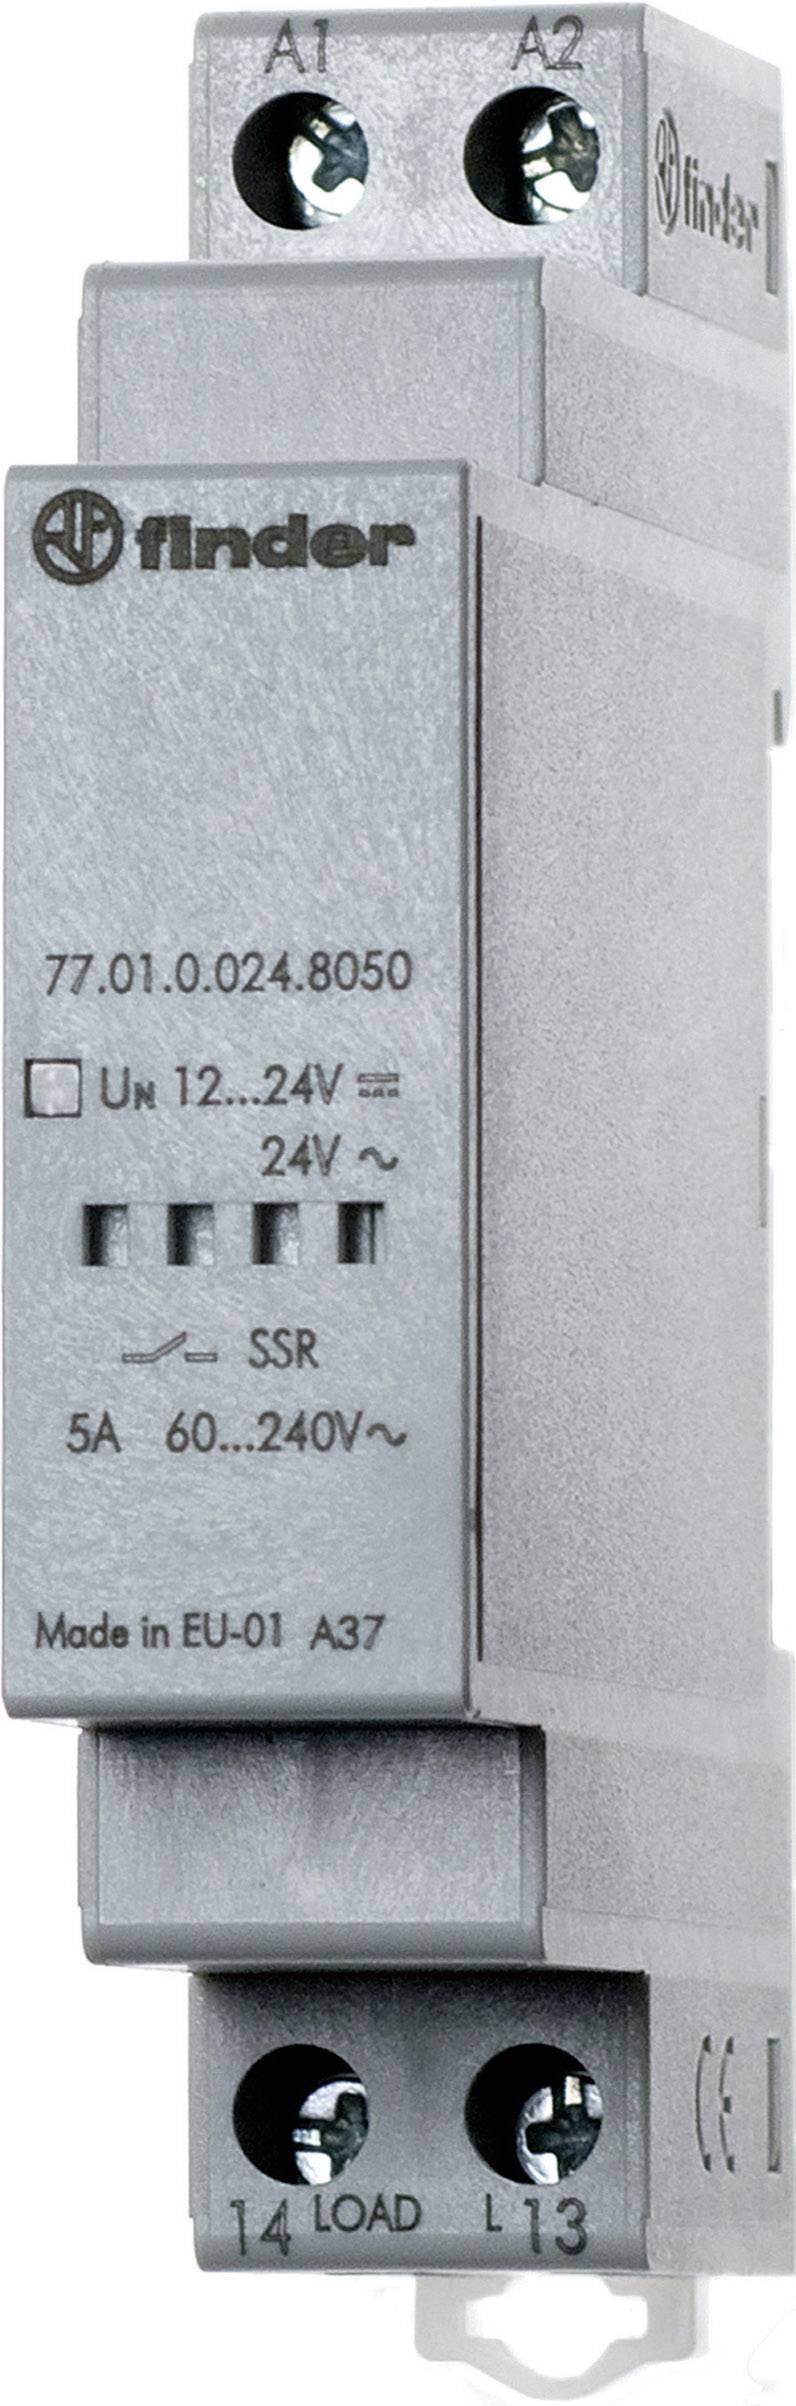 Polovodičové relé Finder 77.01.0.024.8050 77.01.0.024.8050, 5 A, 1 ks